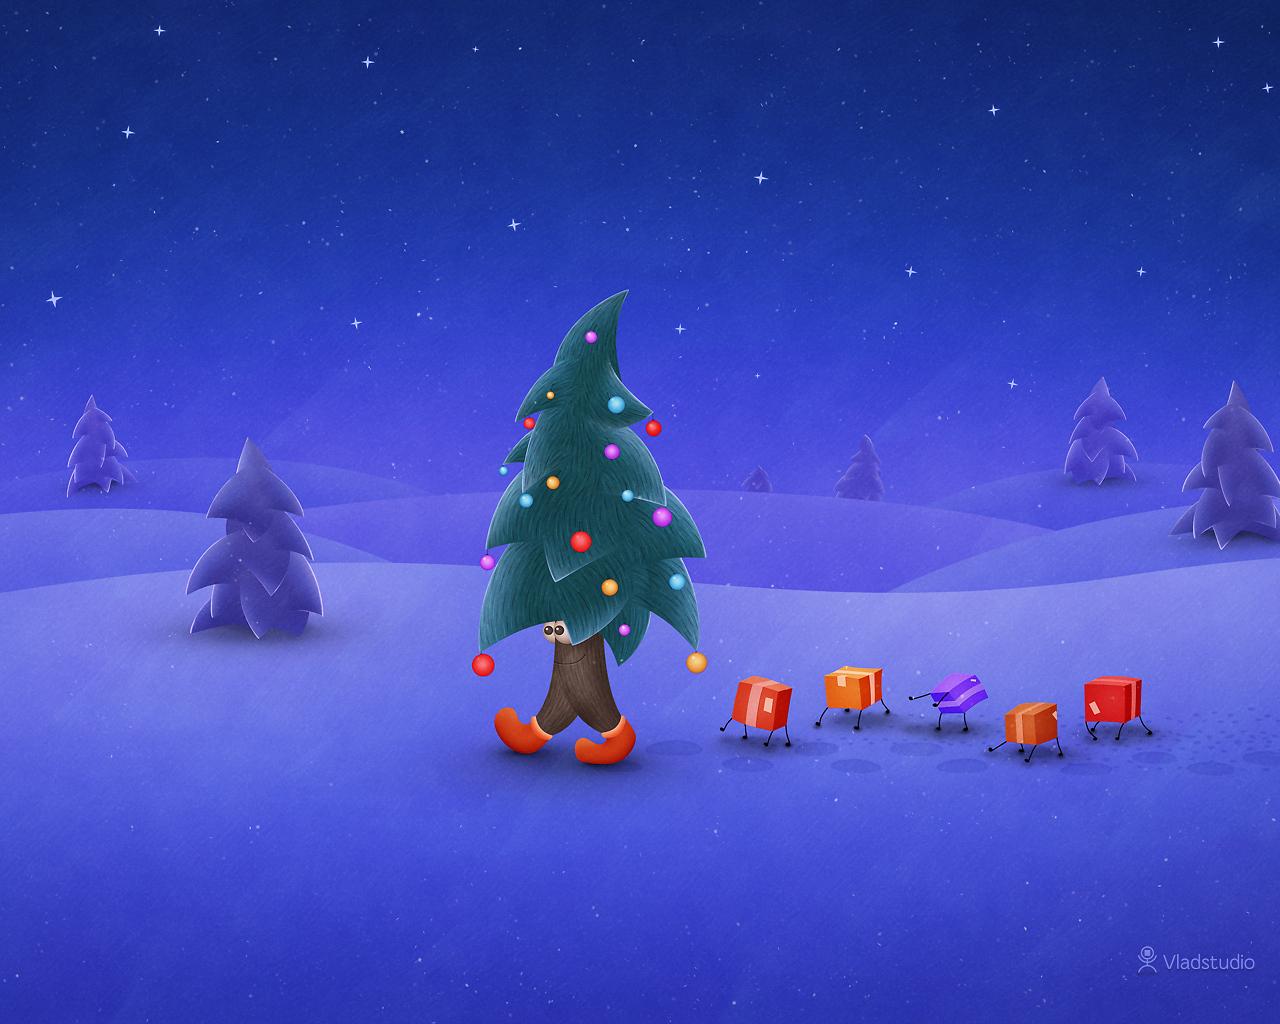 http://1.bp.blogspot.com/-YtZD0MjHntI/Tu2lieWAX1I/AAAAAAAABbM/duBfSsktkz0/s1600/vladstudio_traveling_christmas_tree_1280x1024_signed.jpg